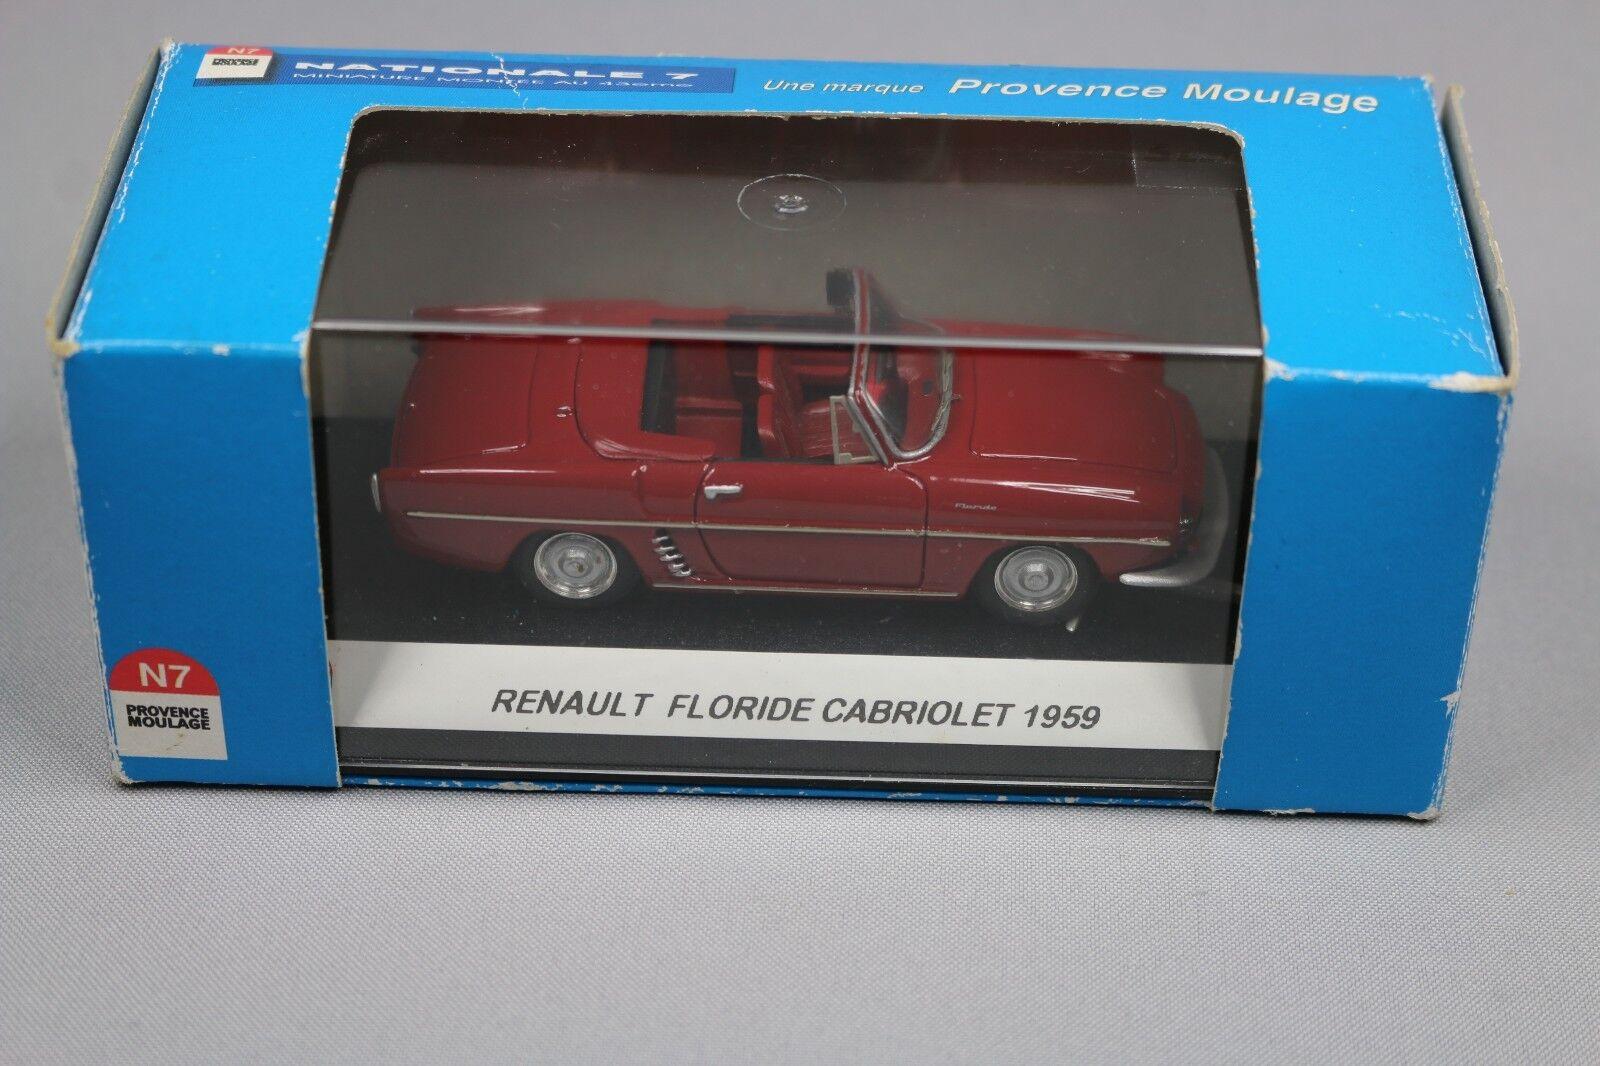 ZC578 Provence Moulage N034 Vehicule Miniature 1 43 Renault Floride Cabriolet